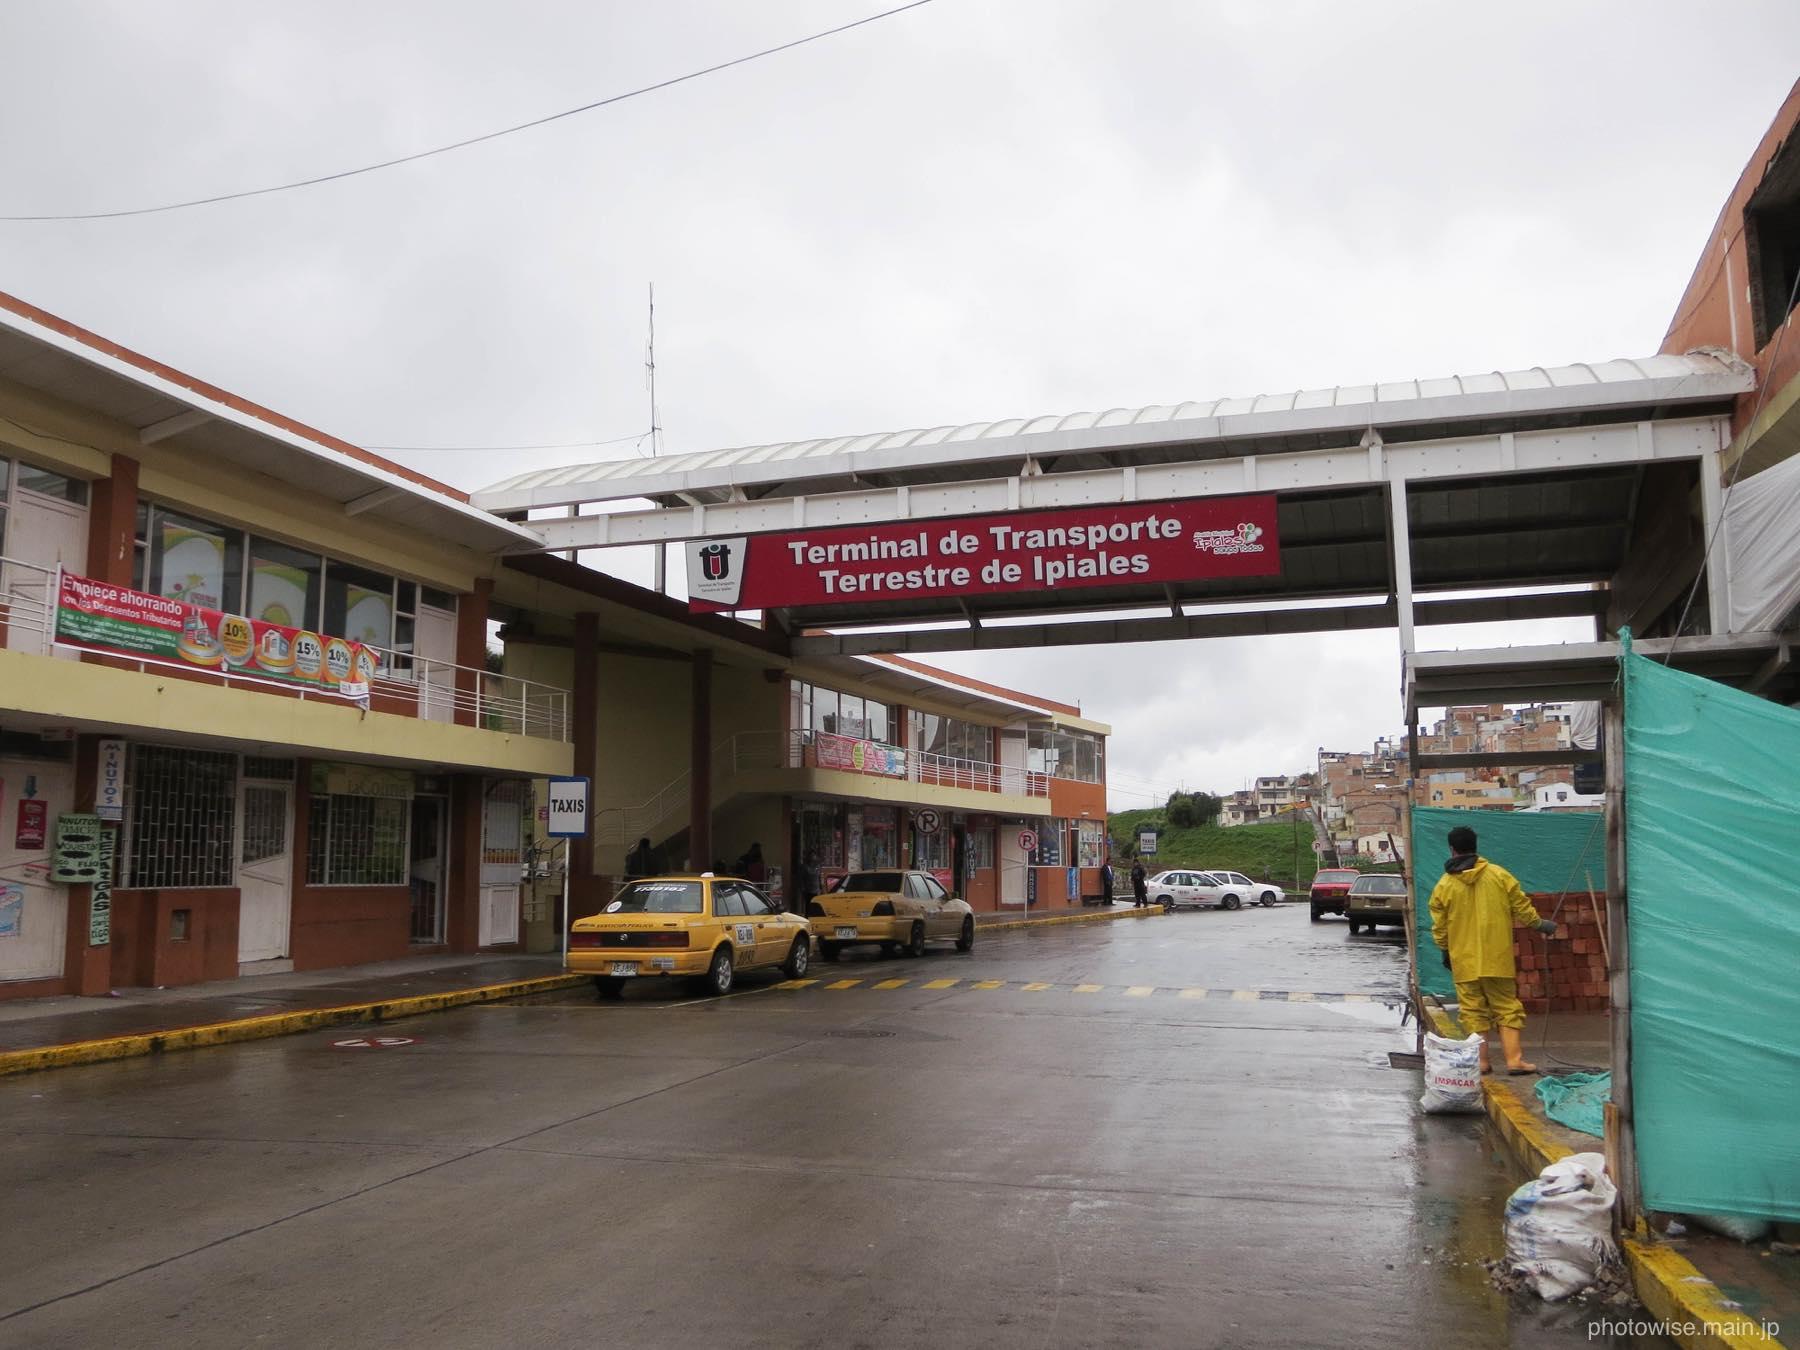 イピアレスのバスターミナル